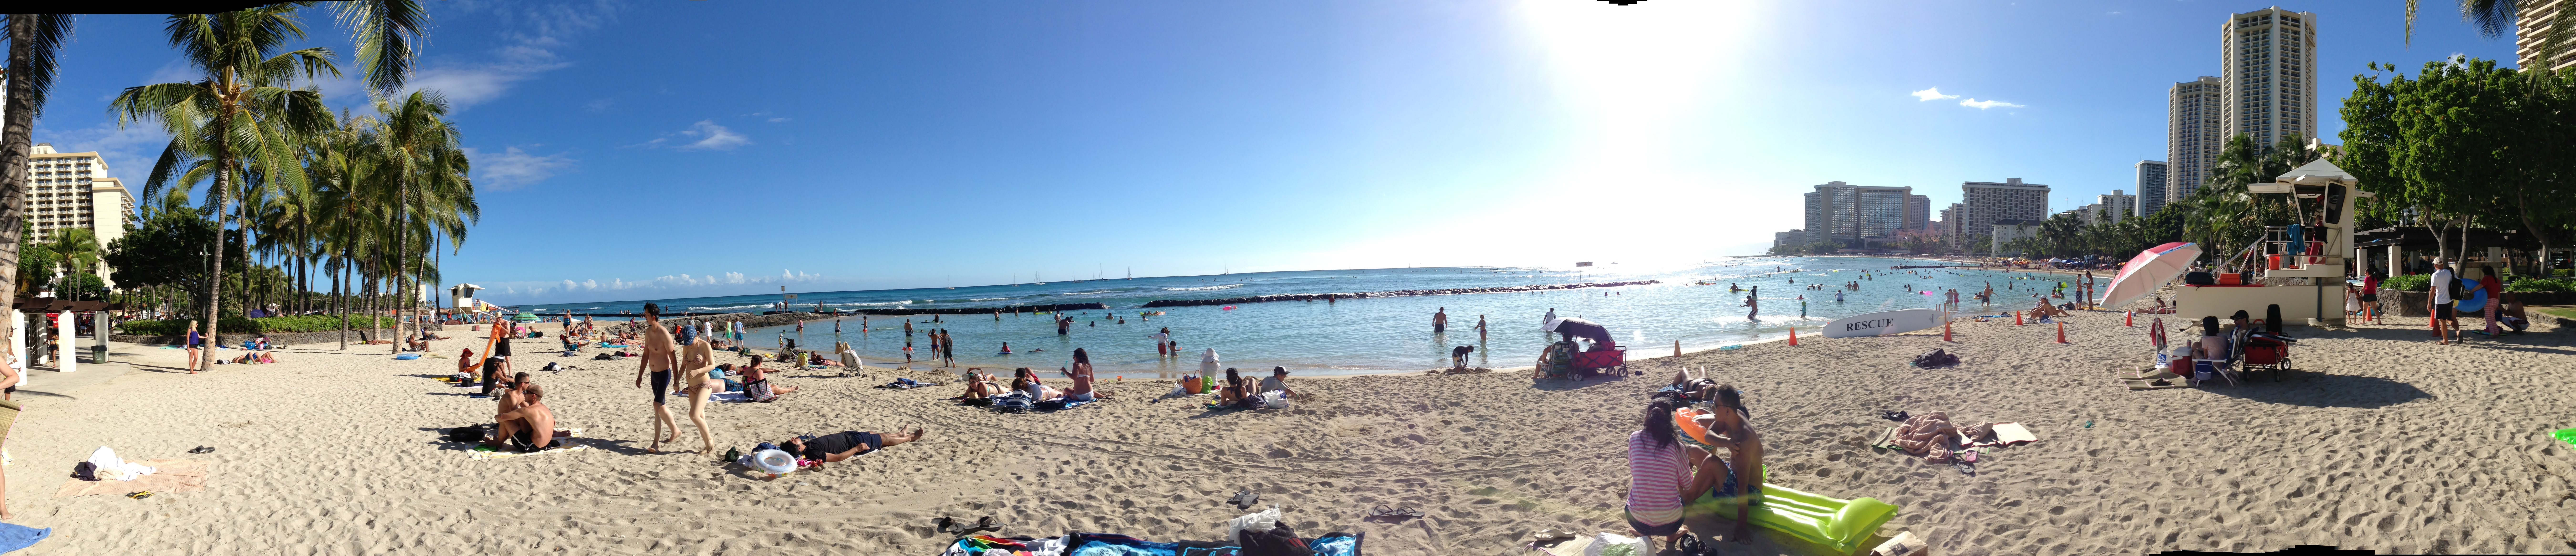 Waikiki-beach-panorama